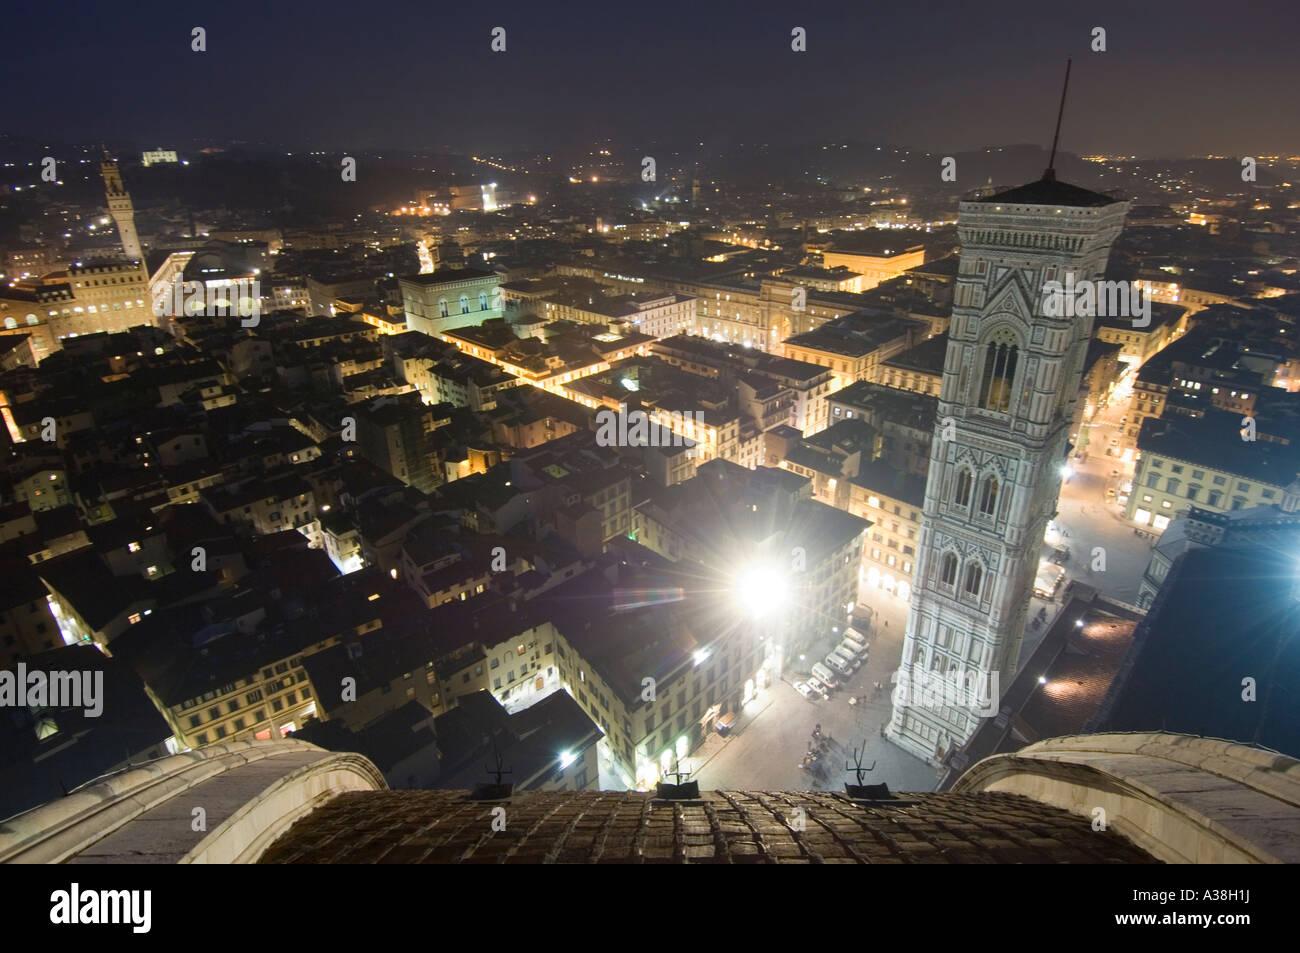 Un ángulo de visión amplio de Florencia por la noche desde la plataforma de observación pública del Duomo mostrando el campanario de Giotto, a la derecha. Foto de stock